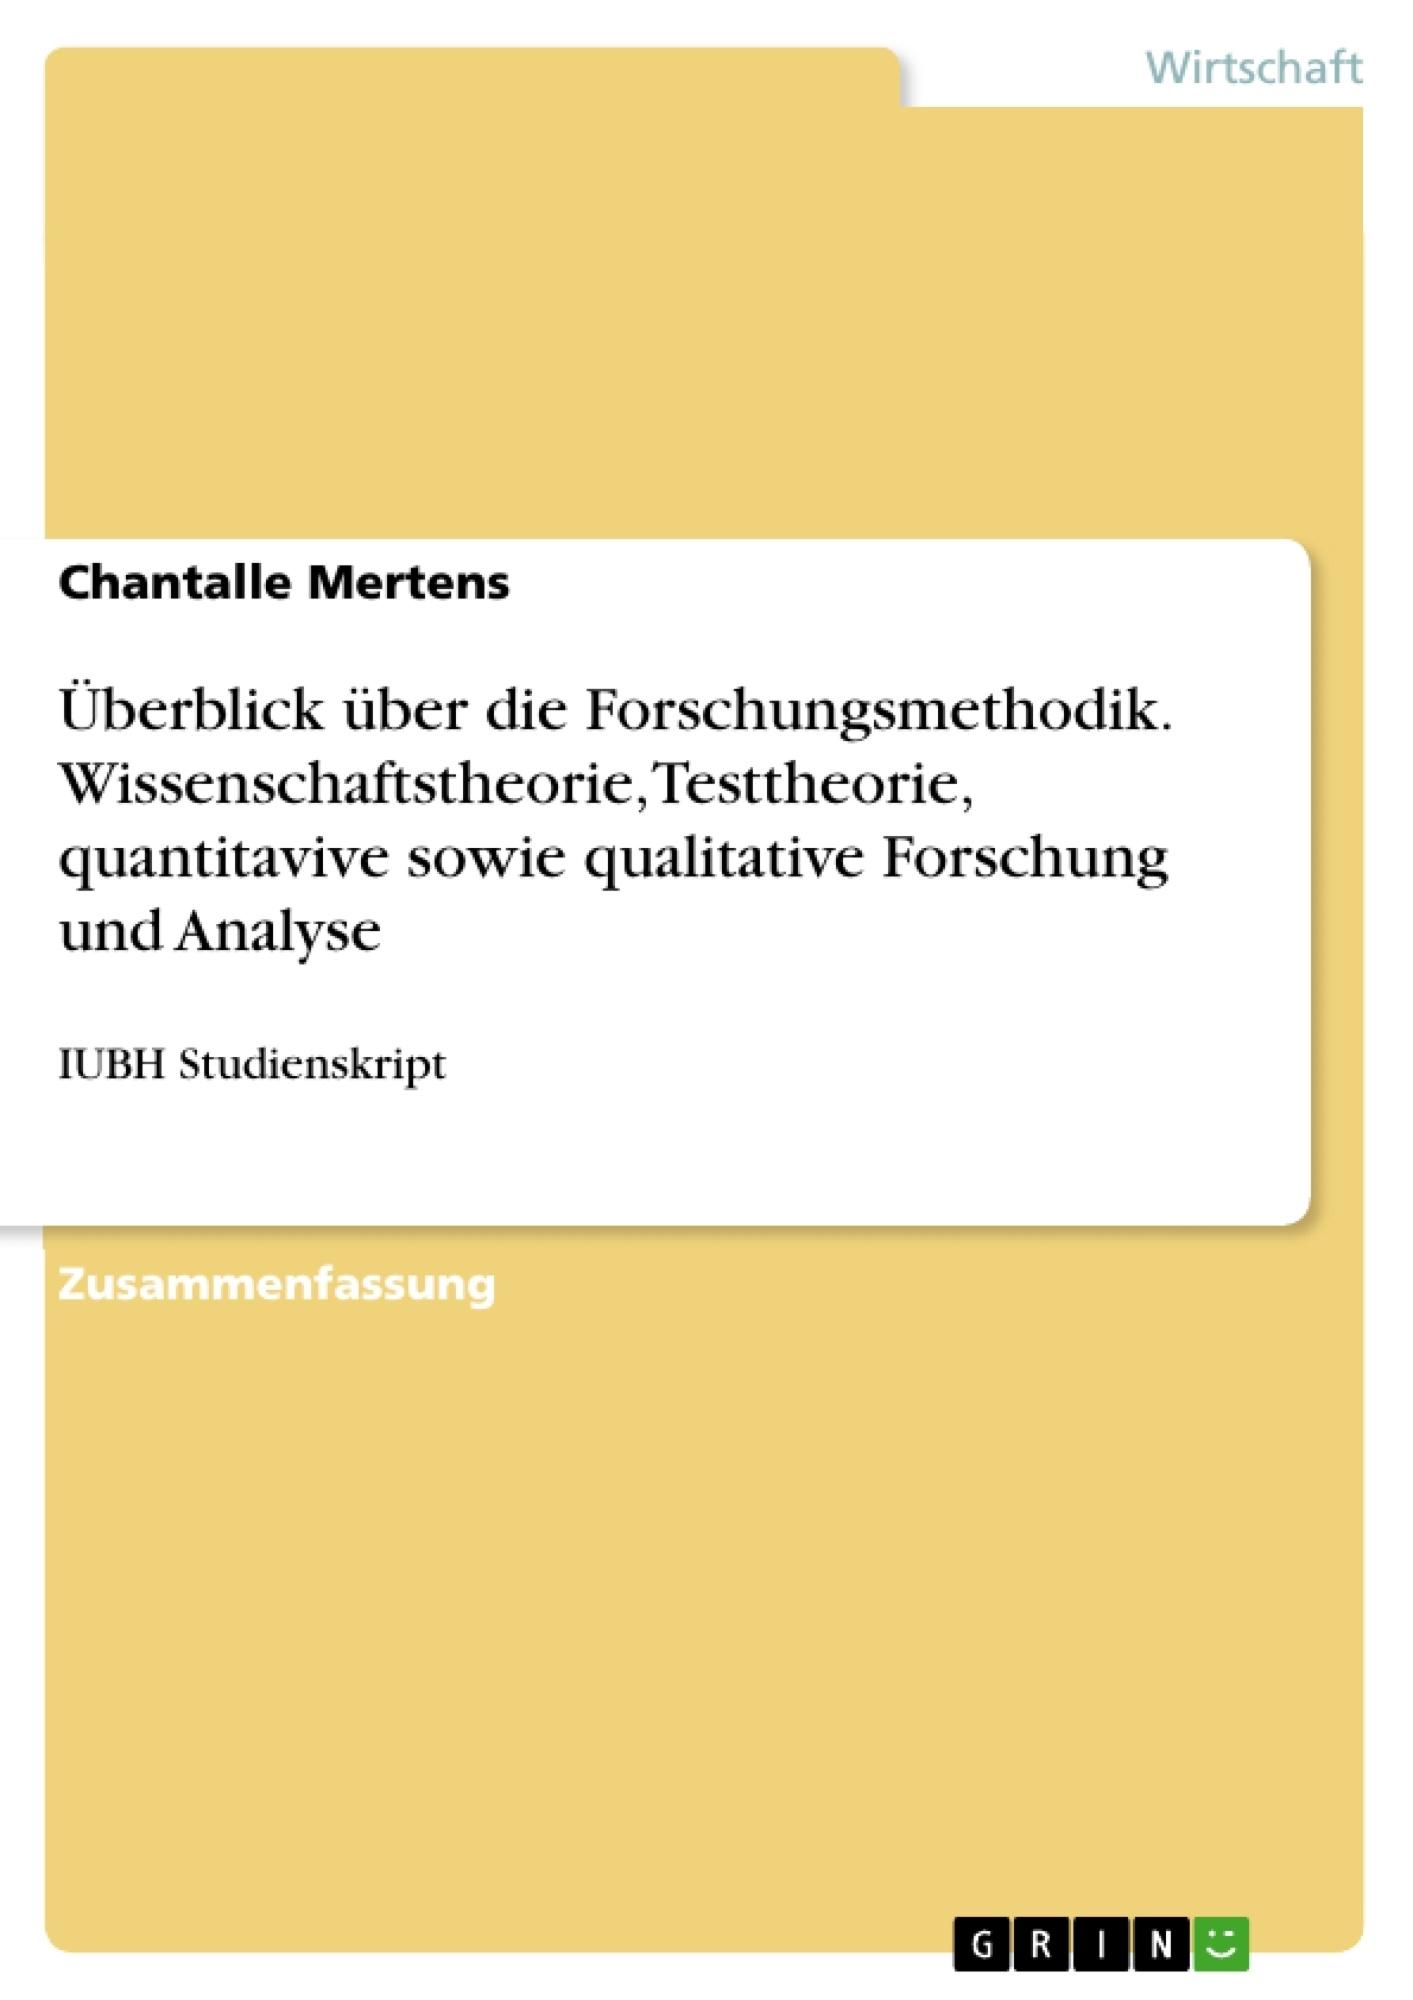 Titel: Überblick über die Forschungsmethodik. Wissenschaftstheorie, Testtheorie, quantitavive sowie qualitative Forschung und Analyse